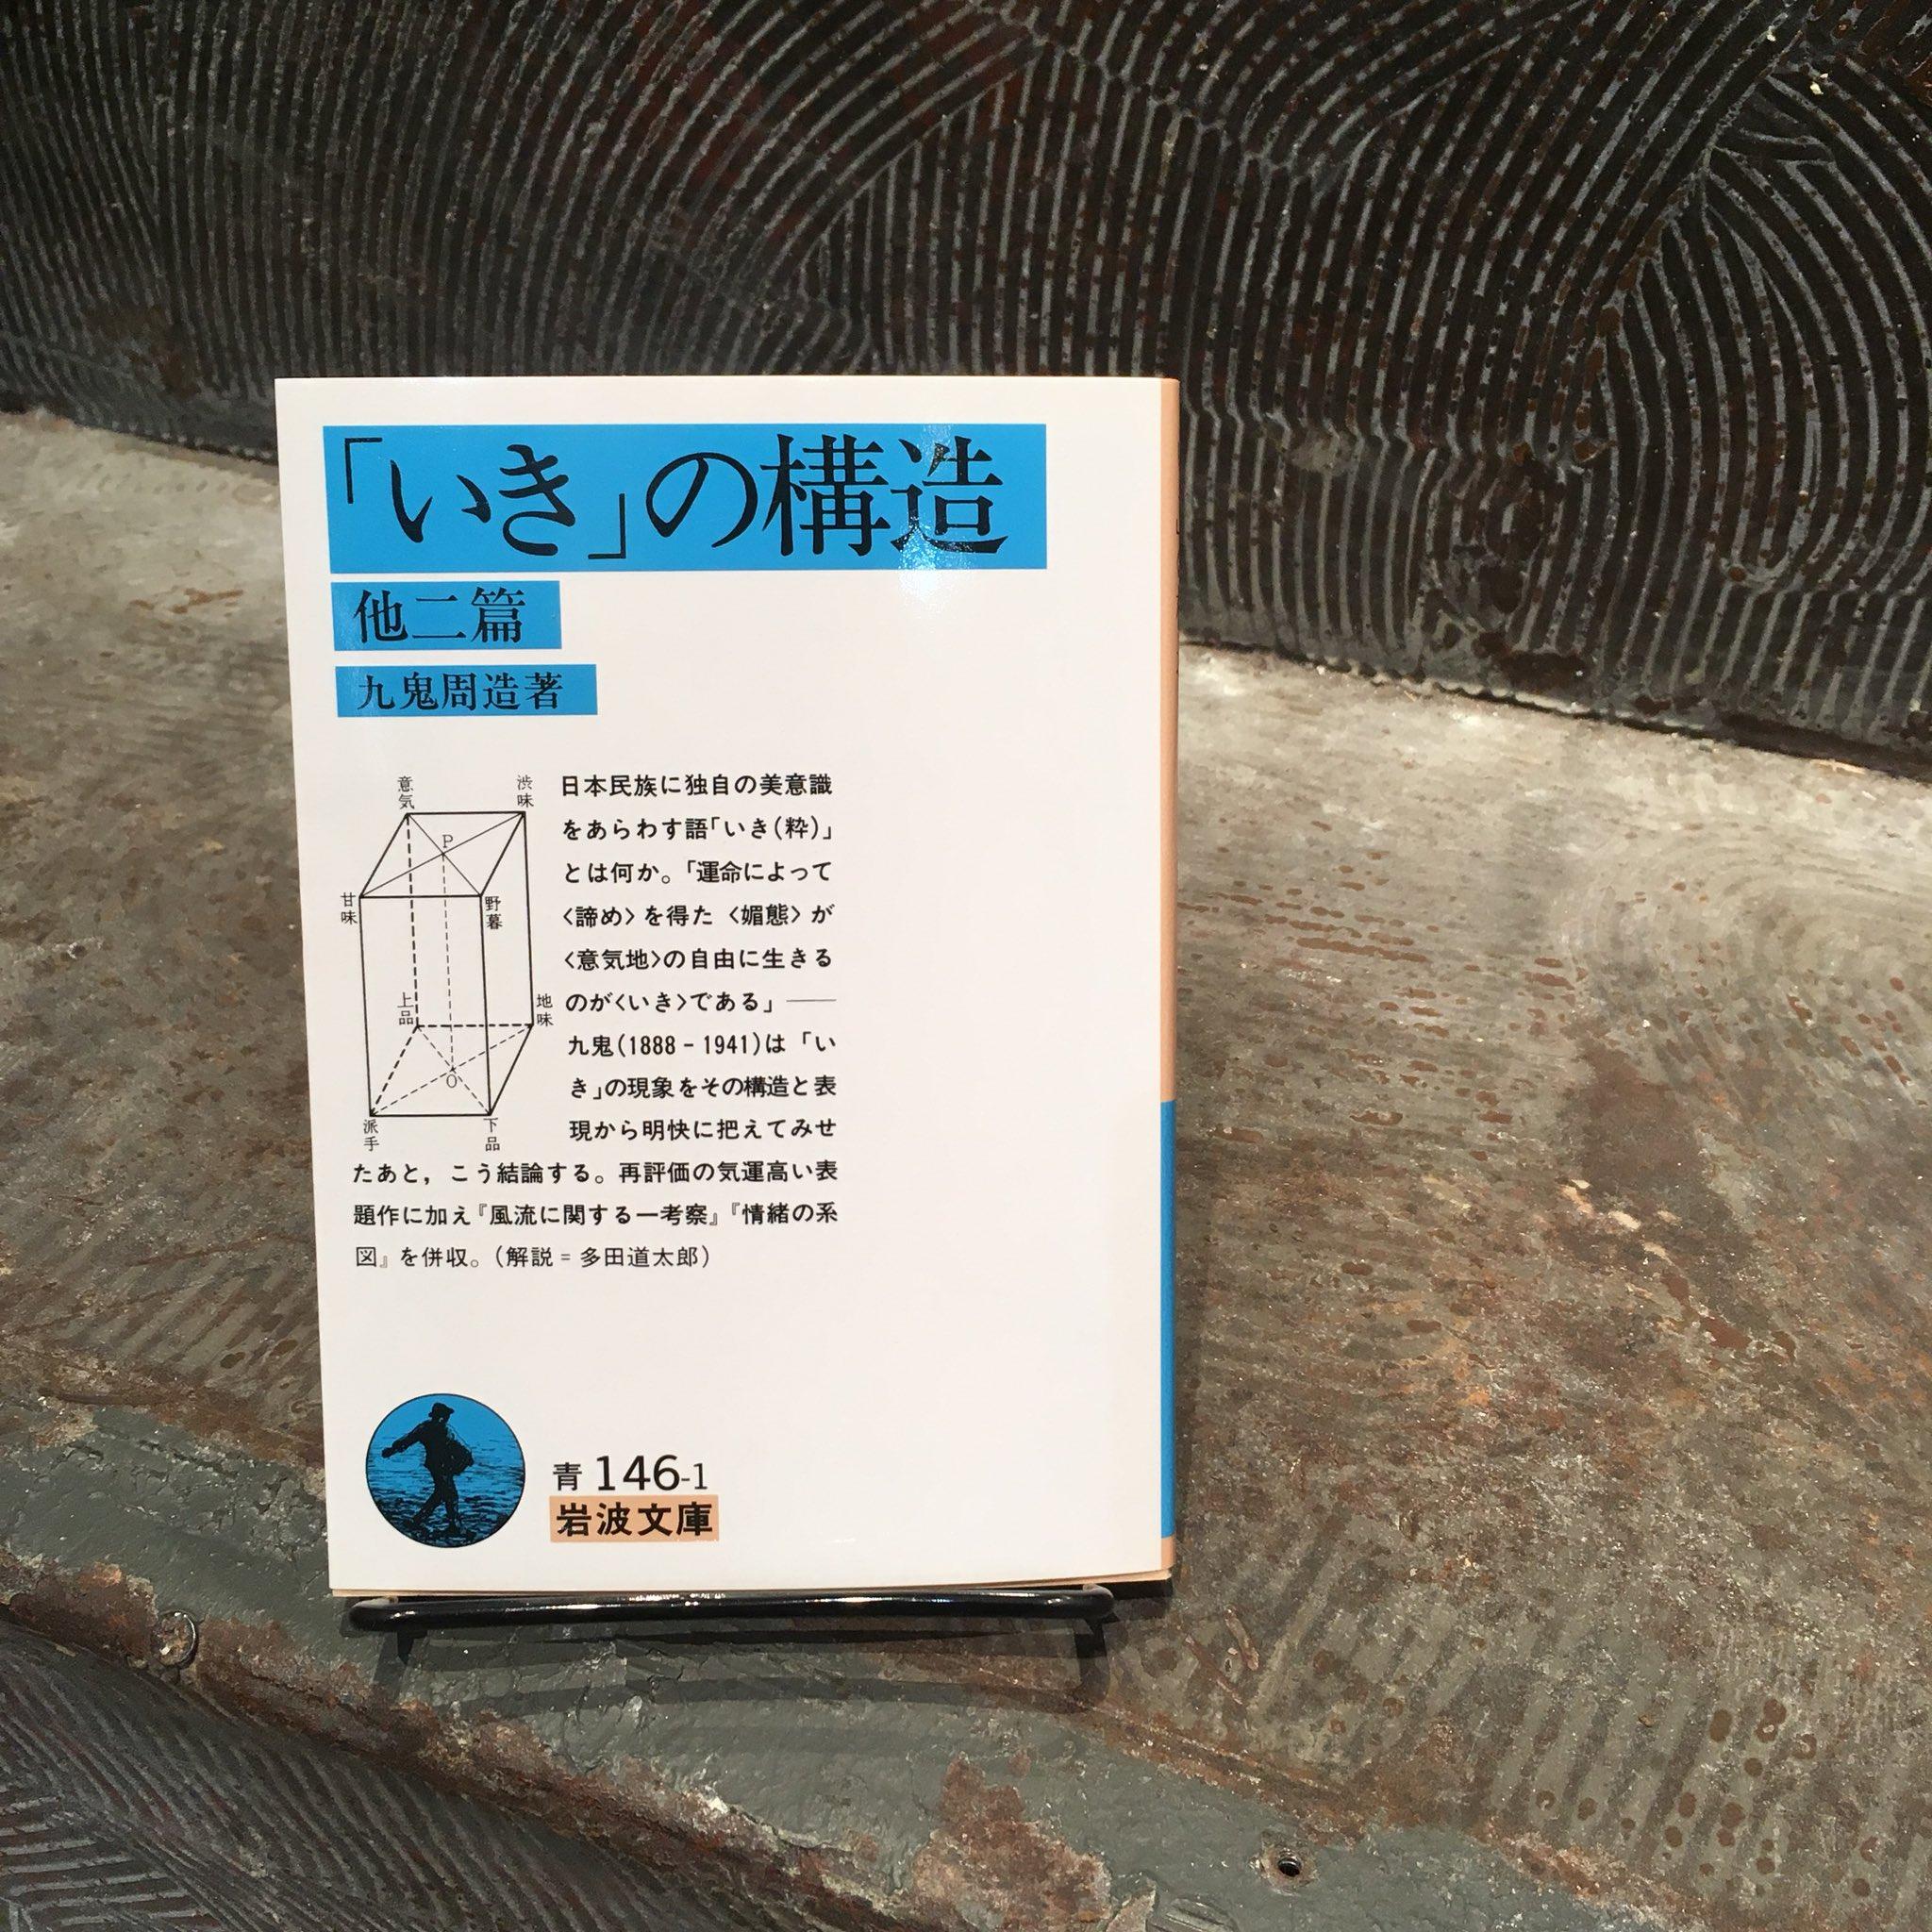 九鬼周造『いきの構造』(岩波書店)